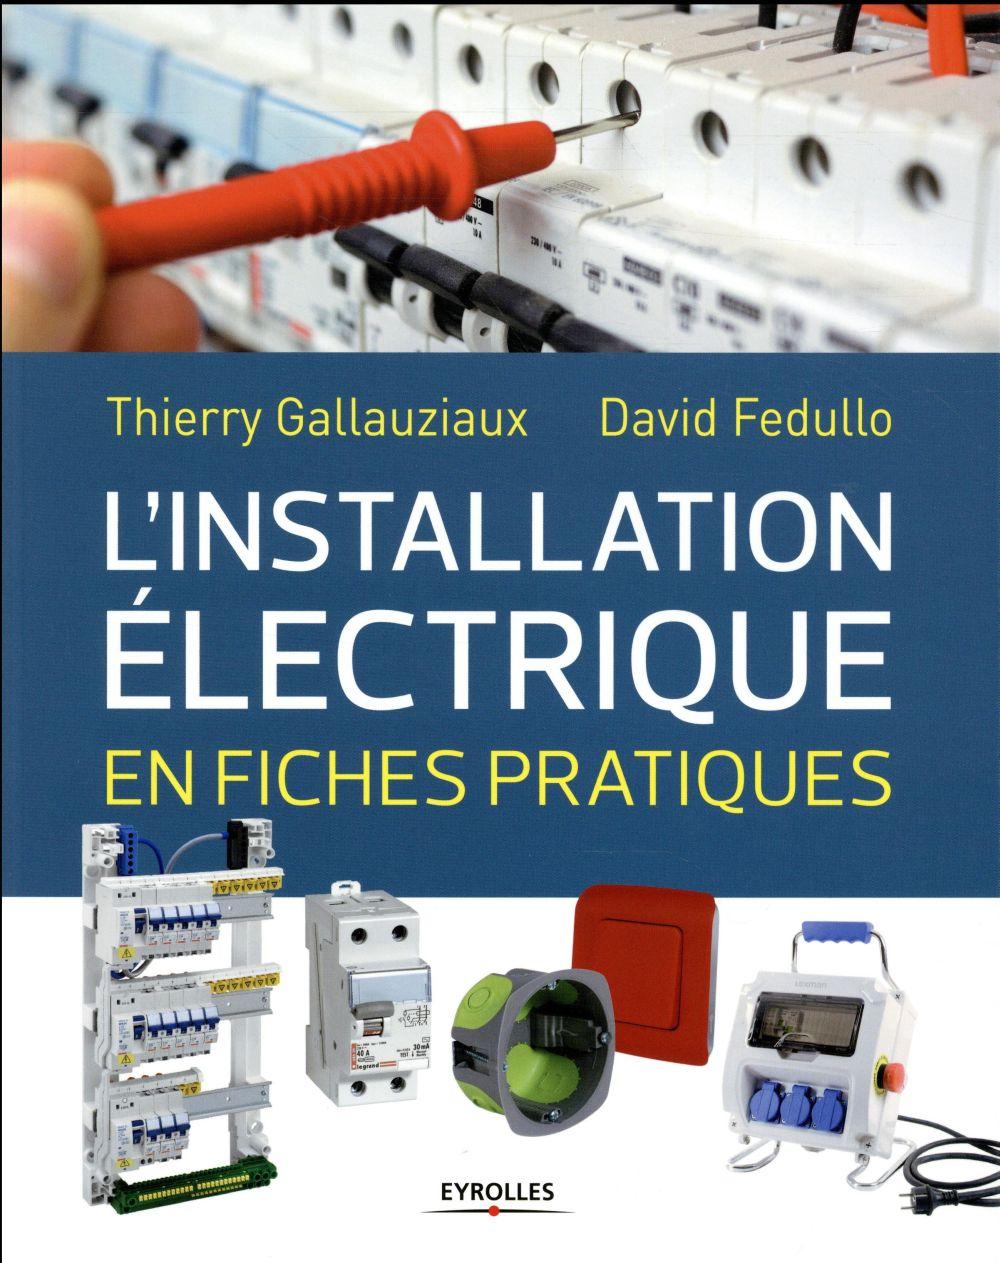 L INSTALLATION ELECTRIQUE EN FICHES PRATIQUES GALLAUZIAUX / FEDULLO Eyrolles